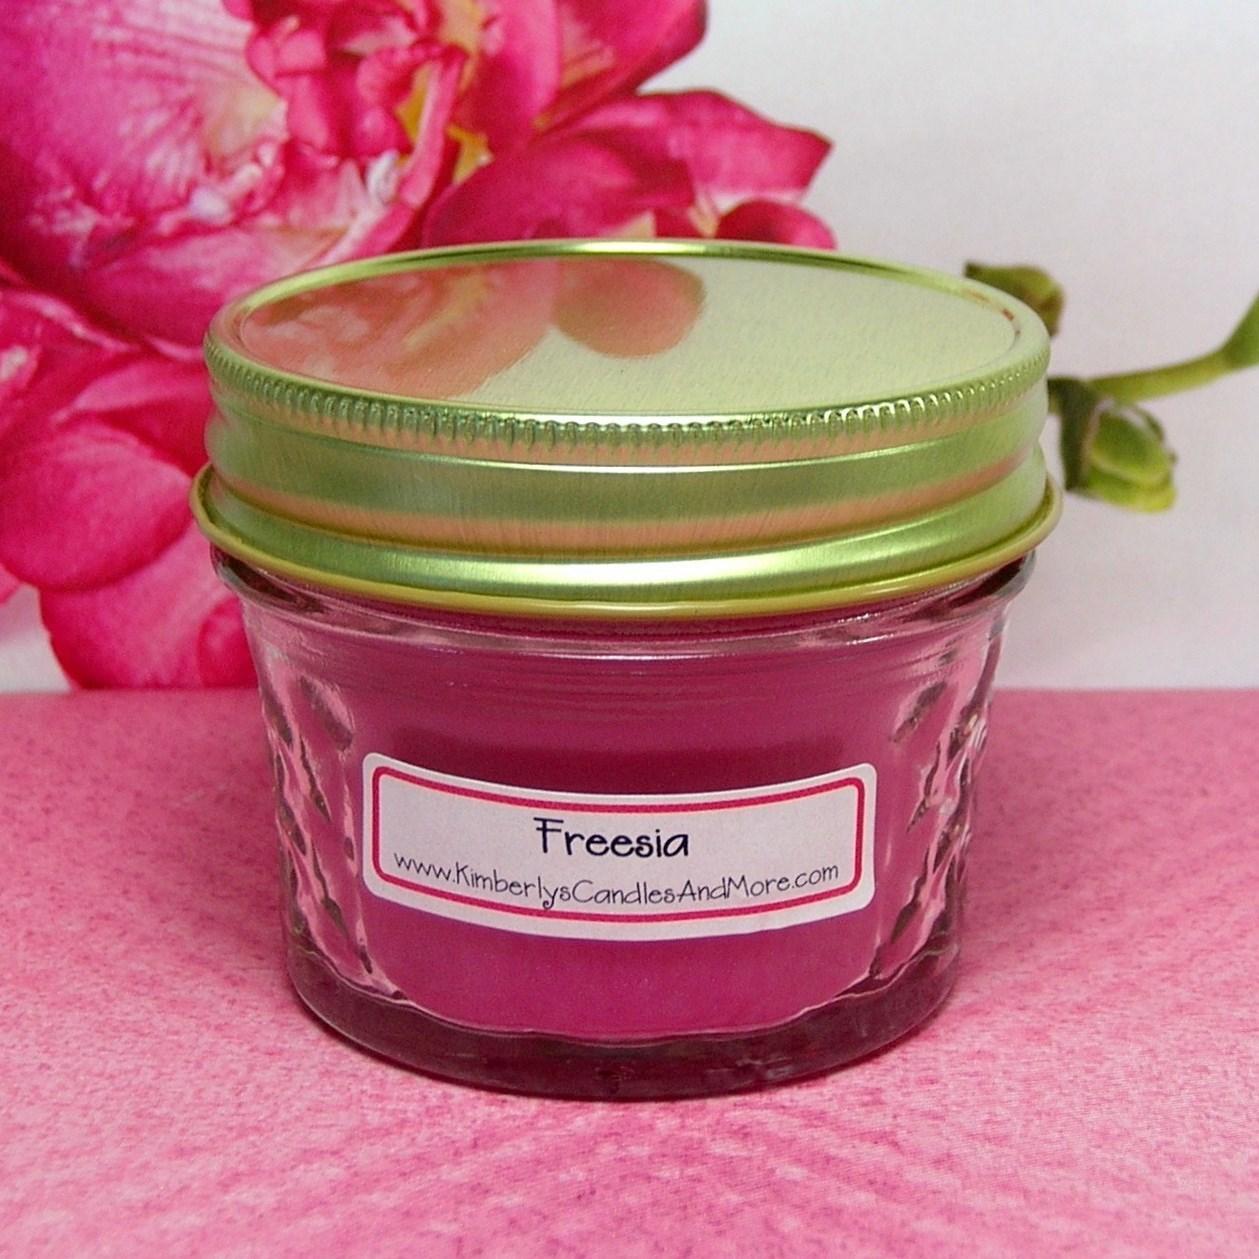 Jelly jar sm freesia 1